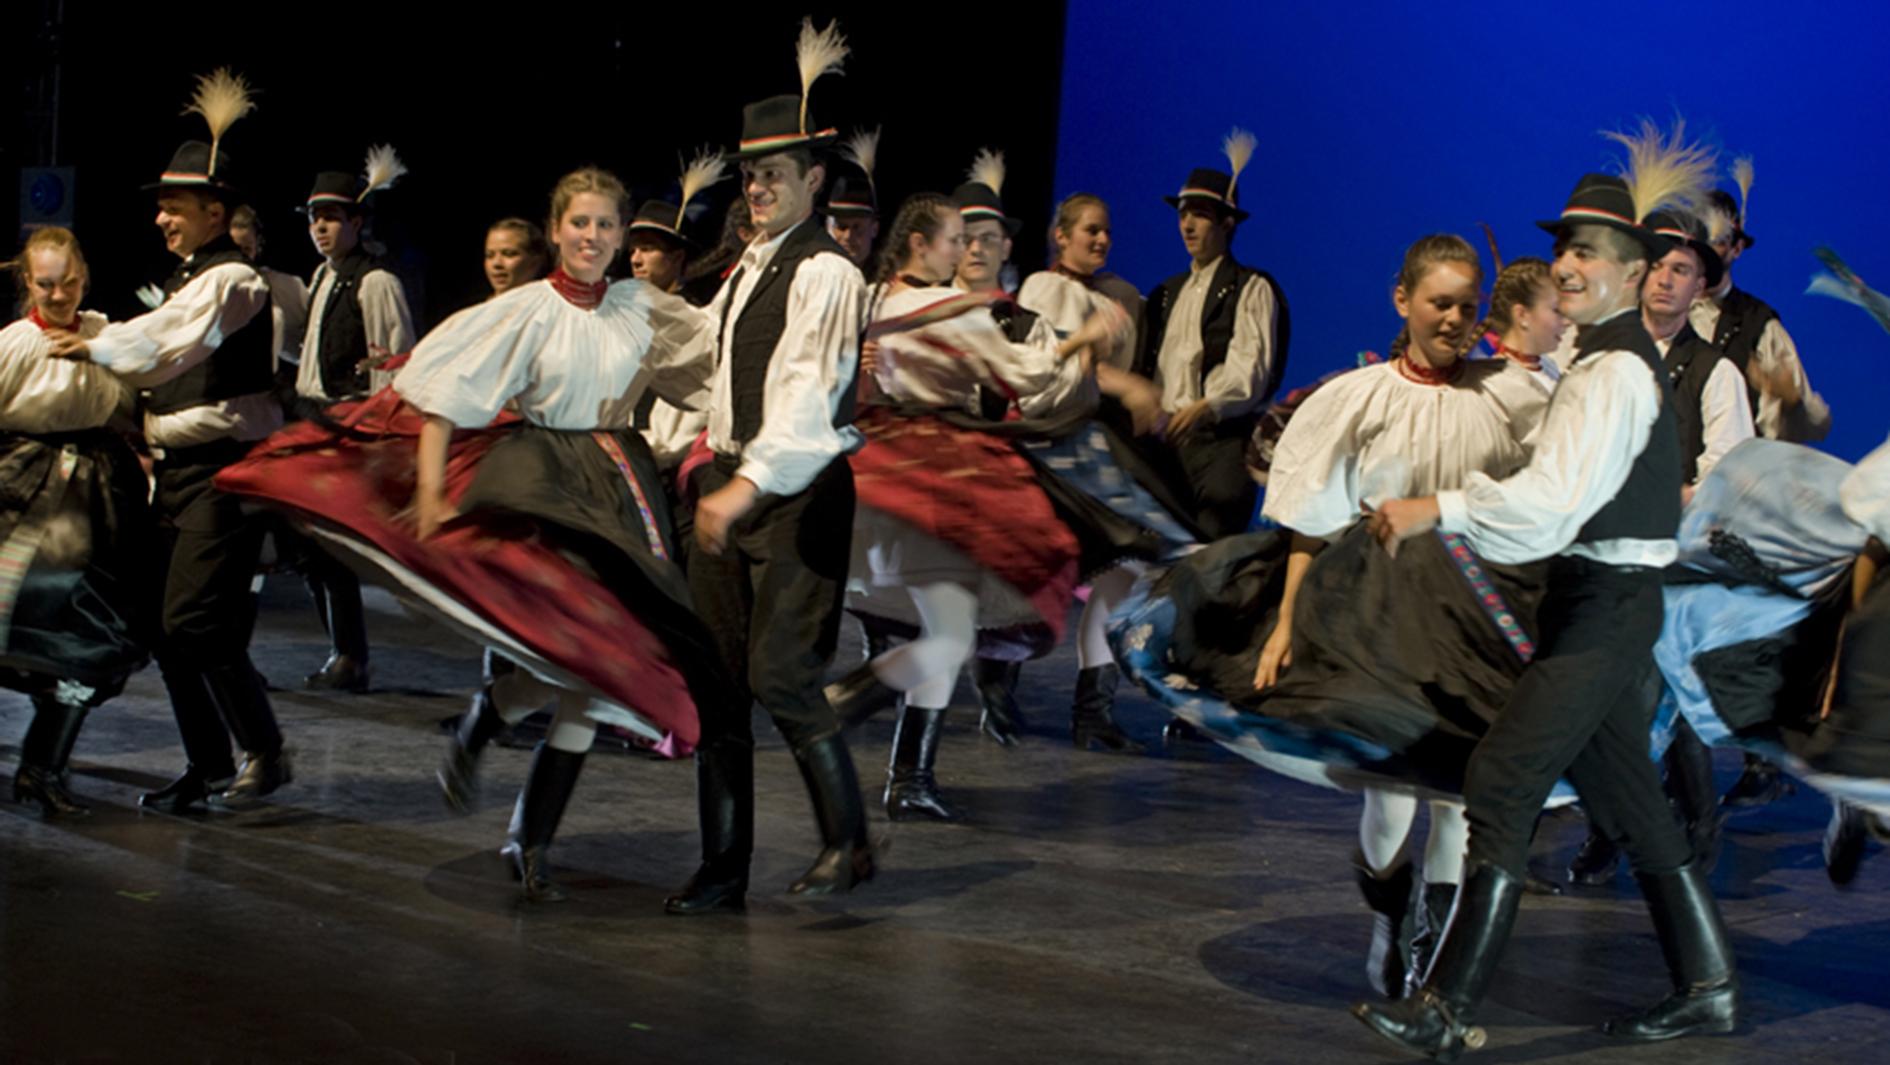 A Cédrus Táncegyüttes 2014. őszén, Varga Zoltán koreográfus jubileumi műsorán, a MÜPA Fesztivál Színházban (Fotó: Simon Fotó)